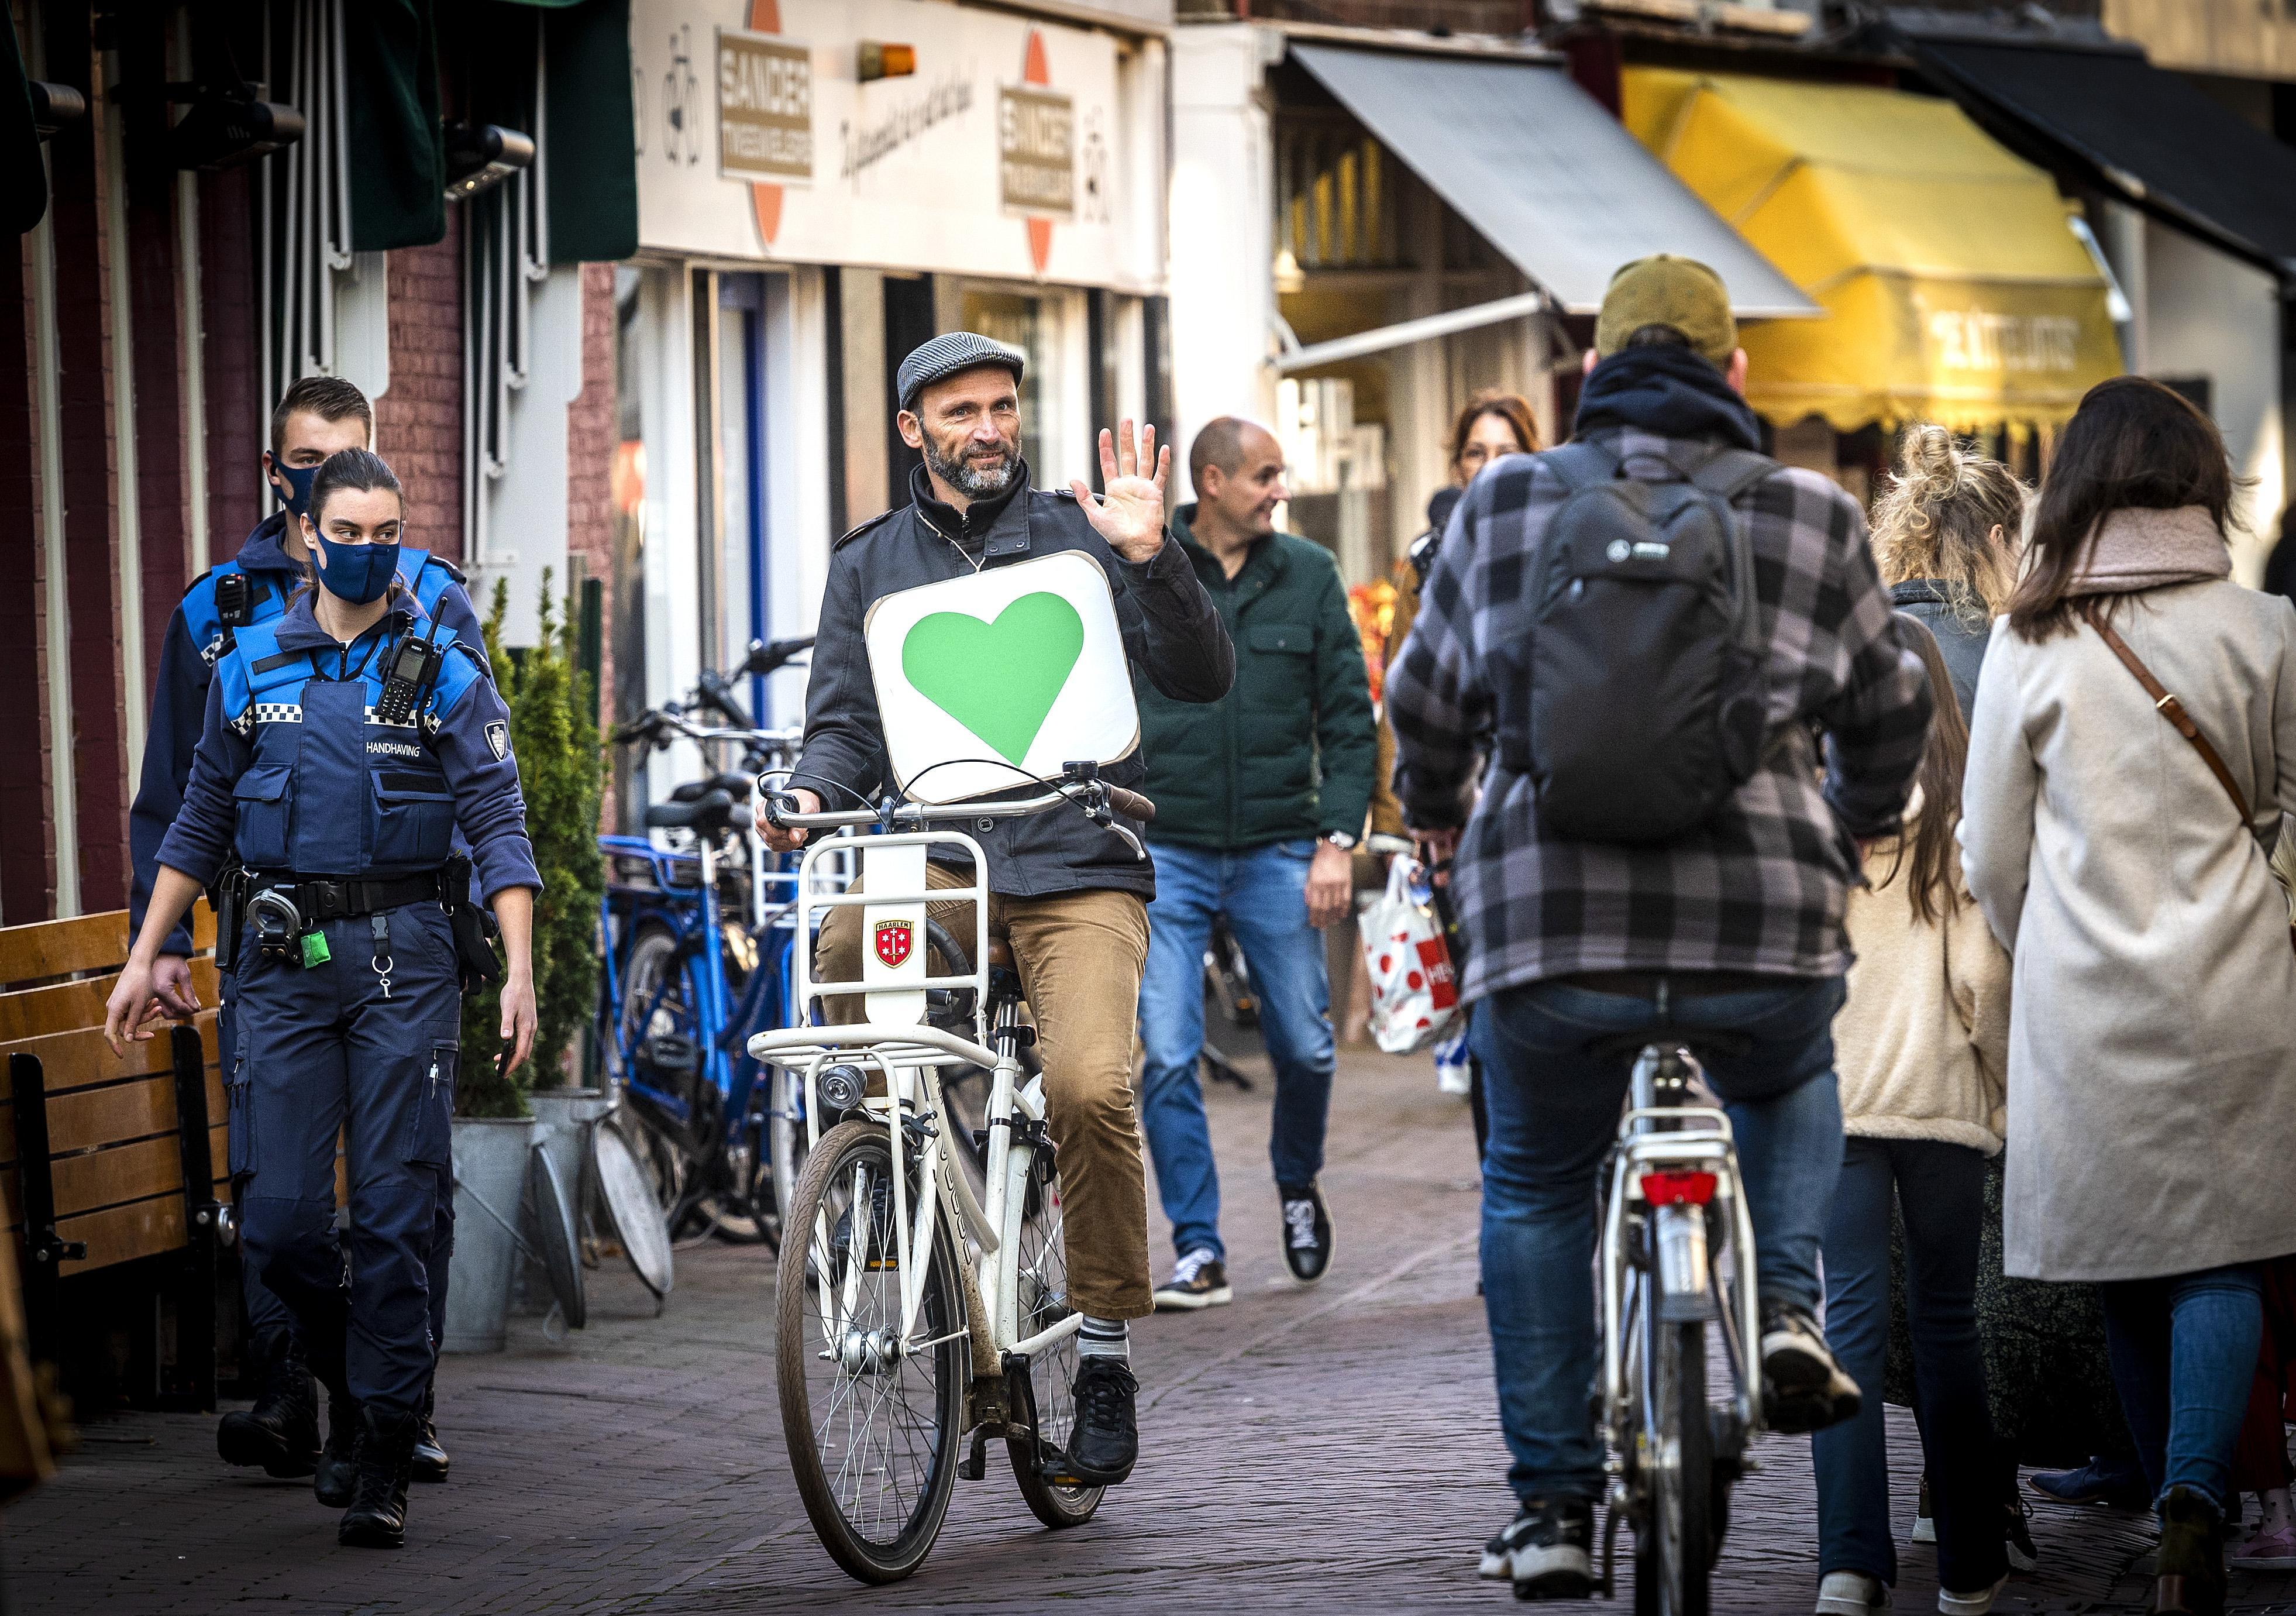 Robbert Zoon fietst met groen hart door Haarlem: 'Bewust in het leven staan en contact maken' [video]